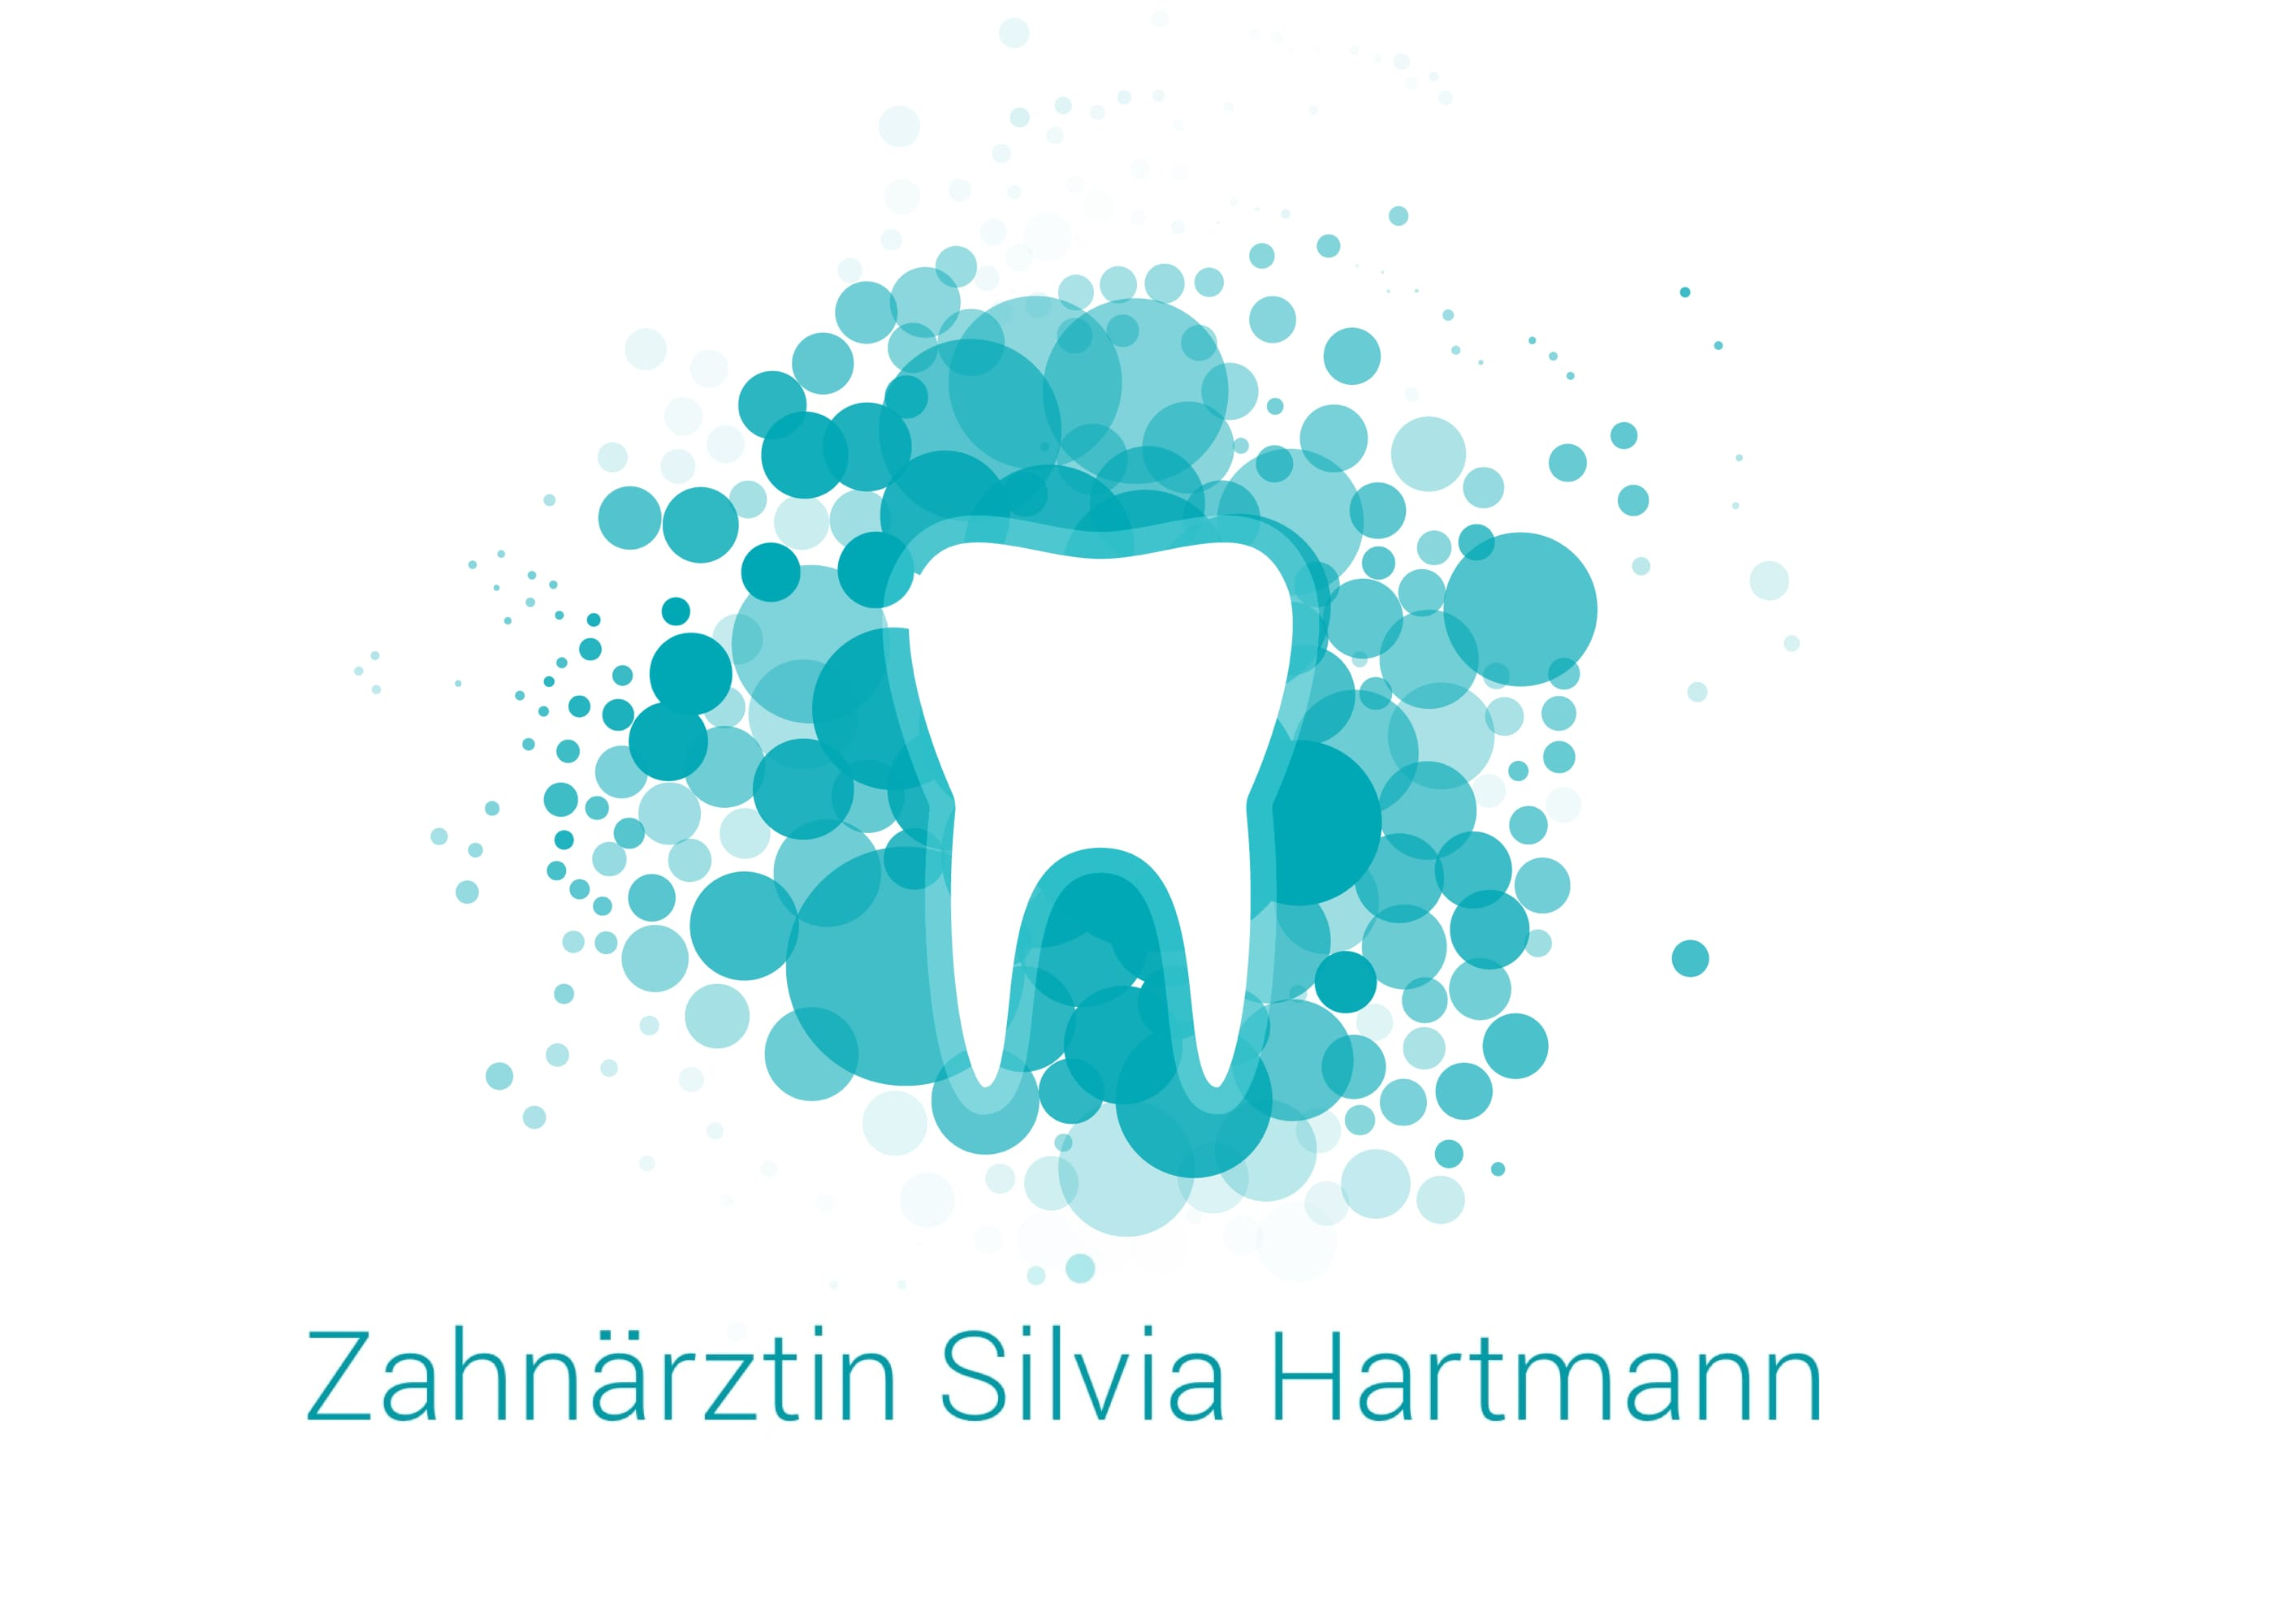 Logo der Zahnarztpraxis Silvia Hartmann in Bielefeld